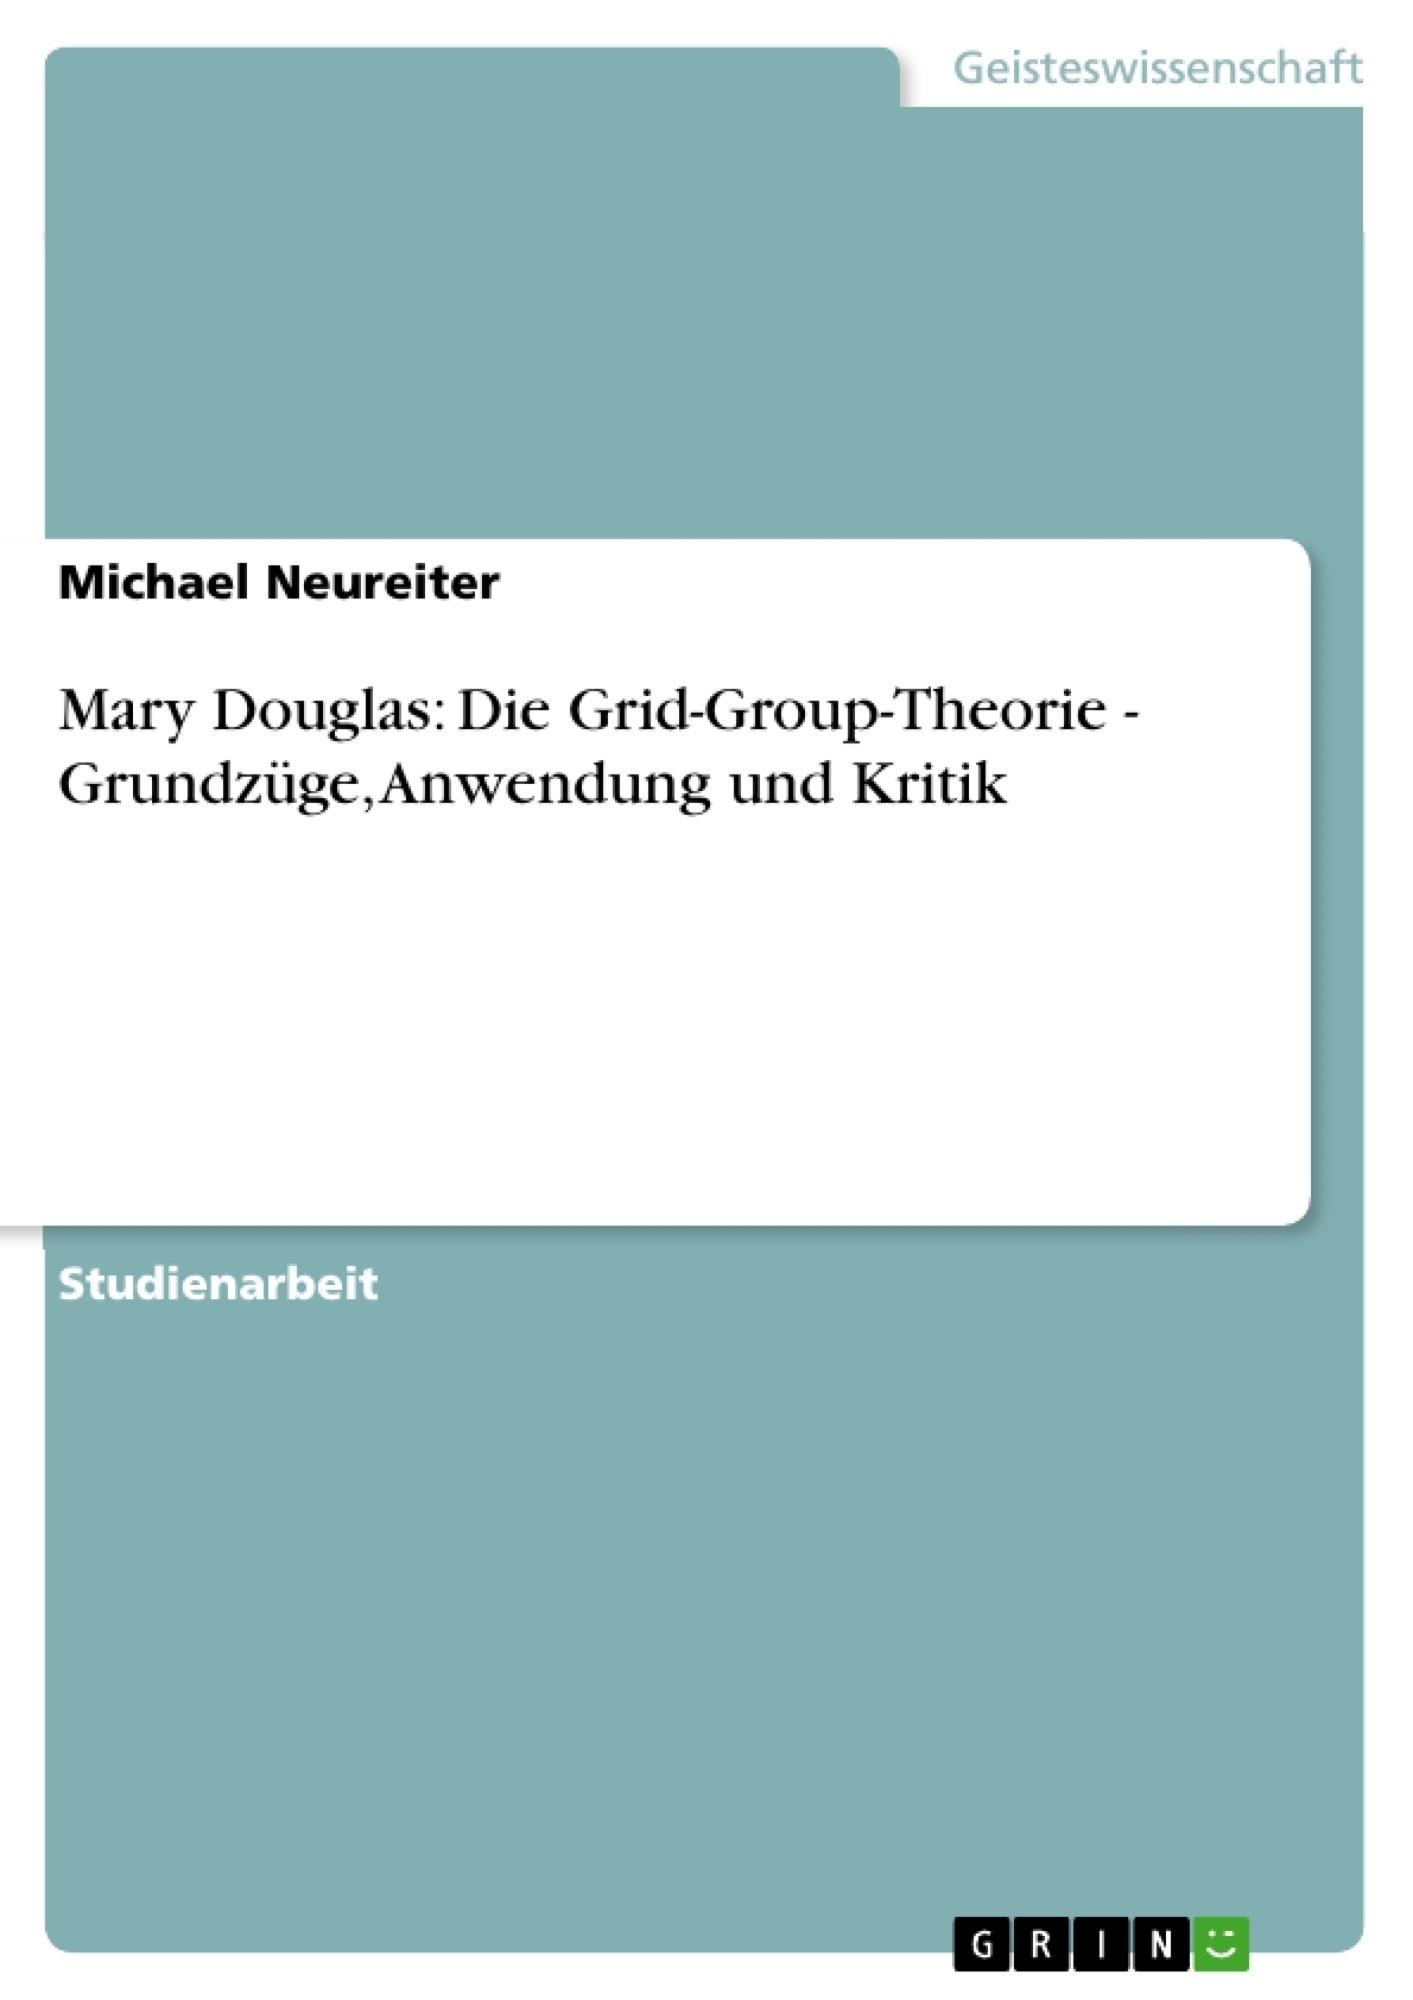 Titel: Mary Douglas: Die Grid-Group-Theorie - Grundzüge, Anwendung und Kritik